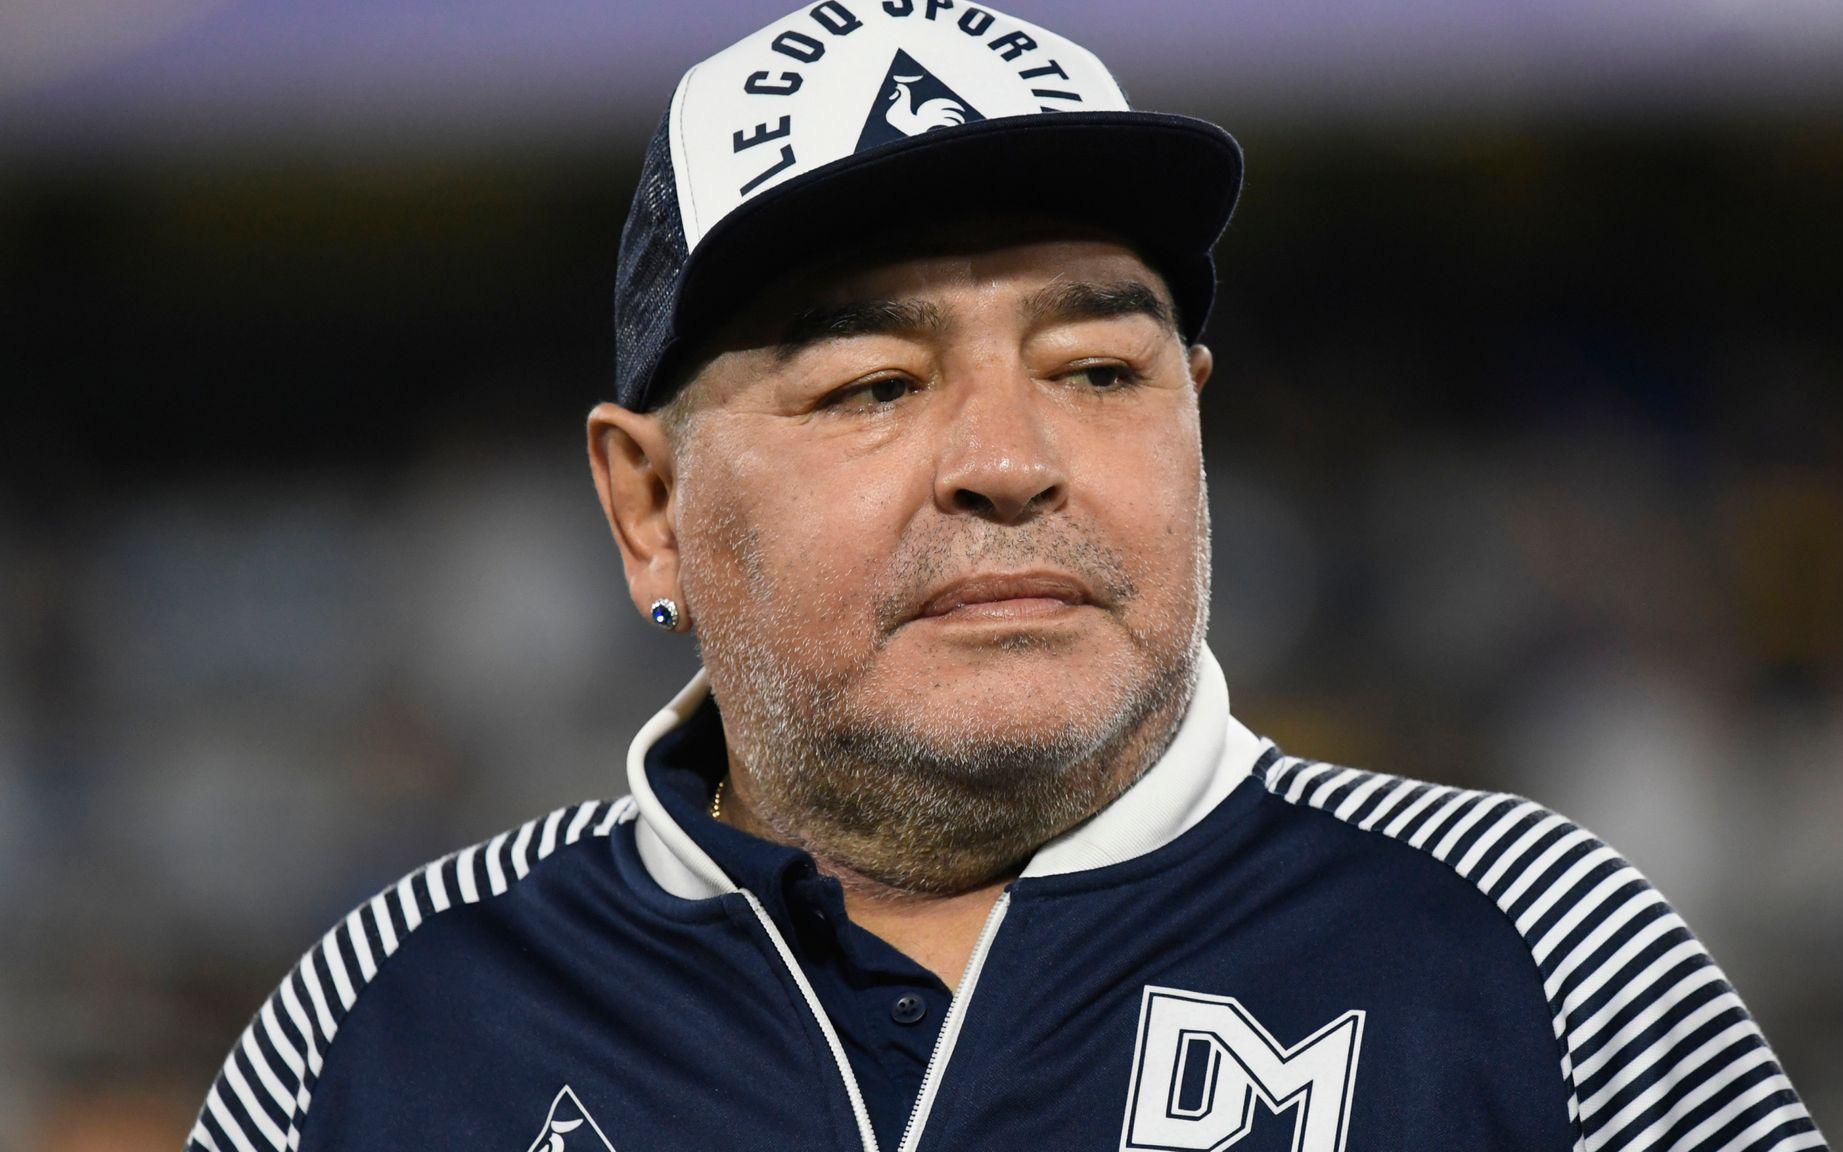 """Nữ phóng viên Anh: """"Điều buồn nhất là sự ra đi của Maradona không bất ngờ như vậy"""""""